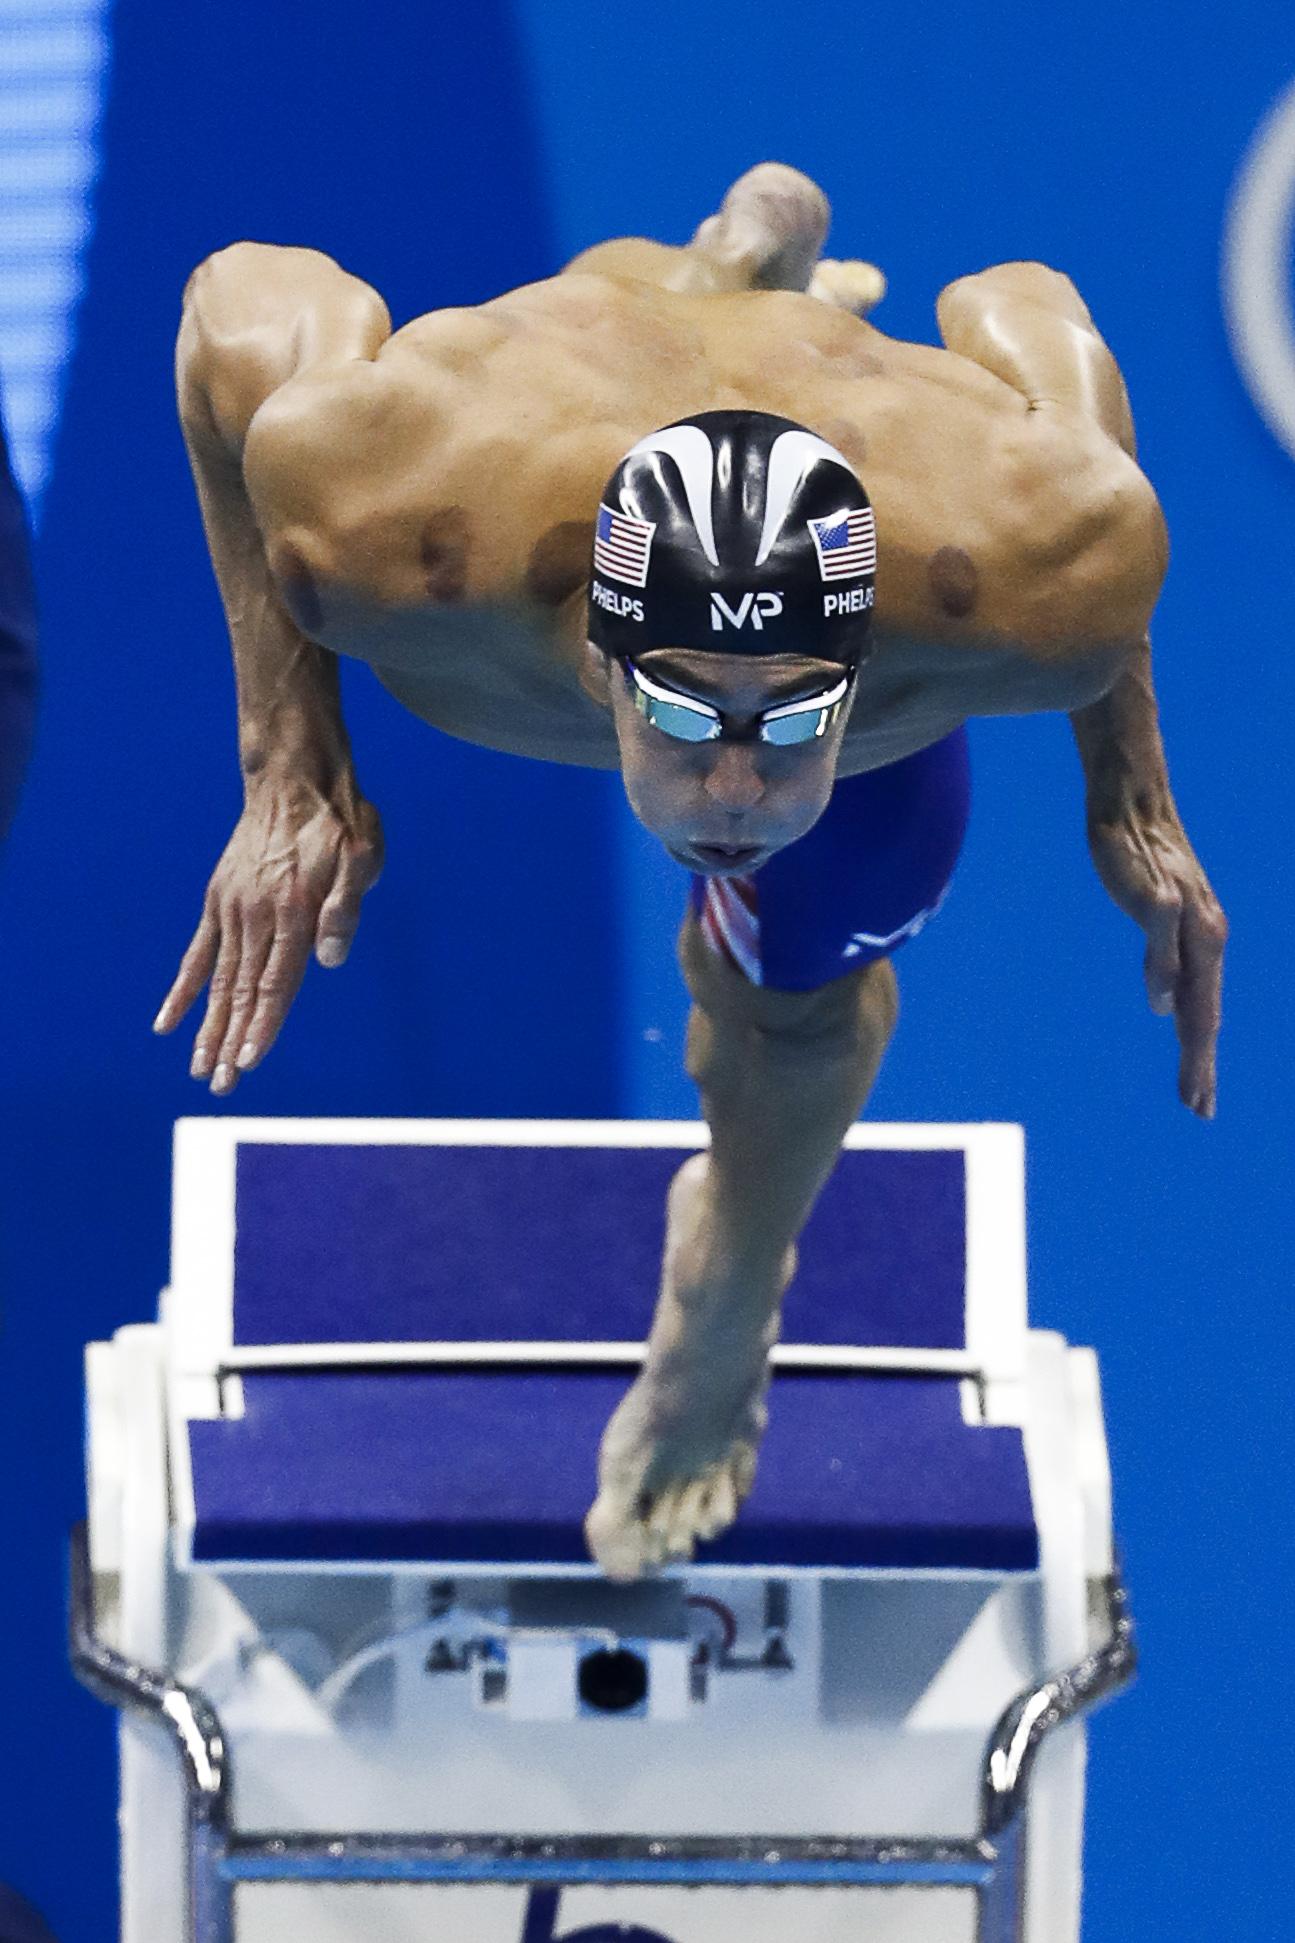 06-00367-Phelps fest-02